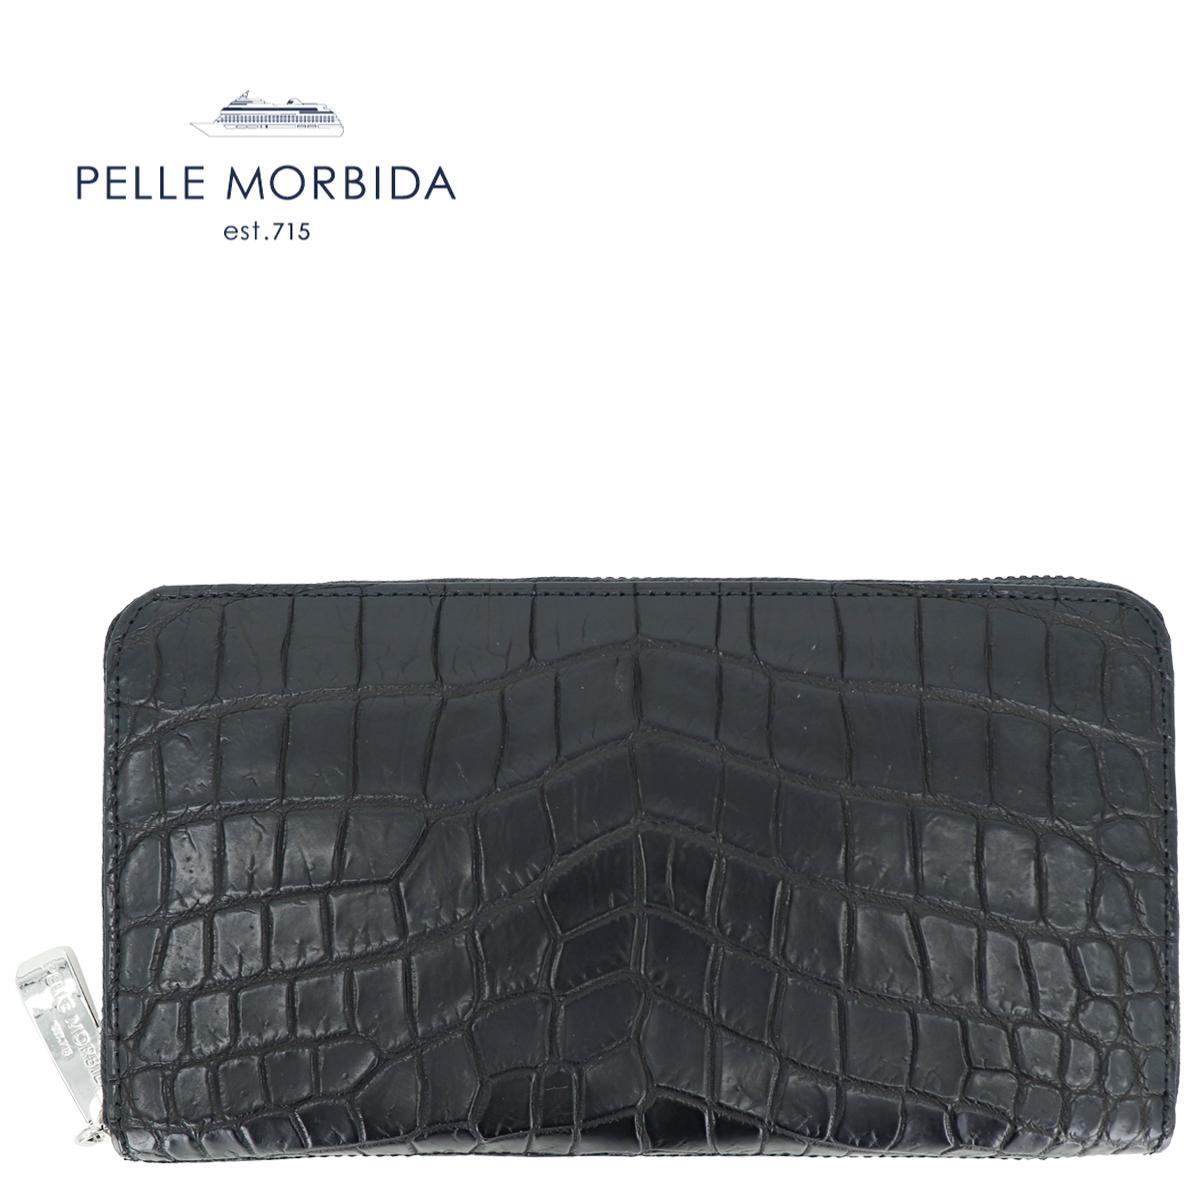 PELLE MORBIDA ペッレモルビダ クロコダイル ラウンドジップ 長財布 PMO-CRS010 BLACK(ブラック)